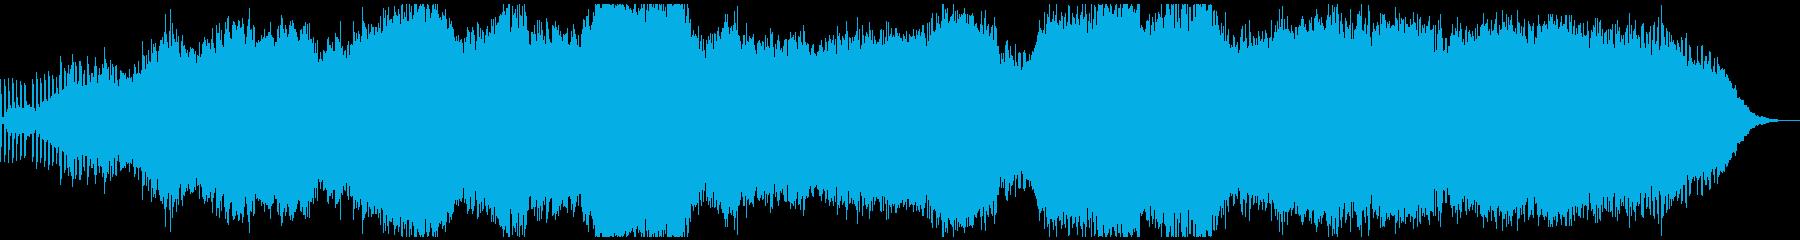 生演奏ピアノが独特なアンビエントBGMの再生済みの波形